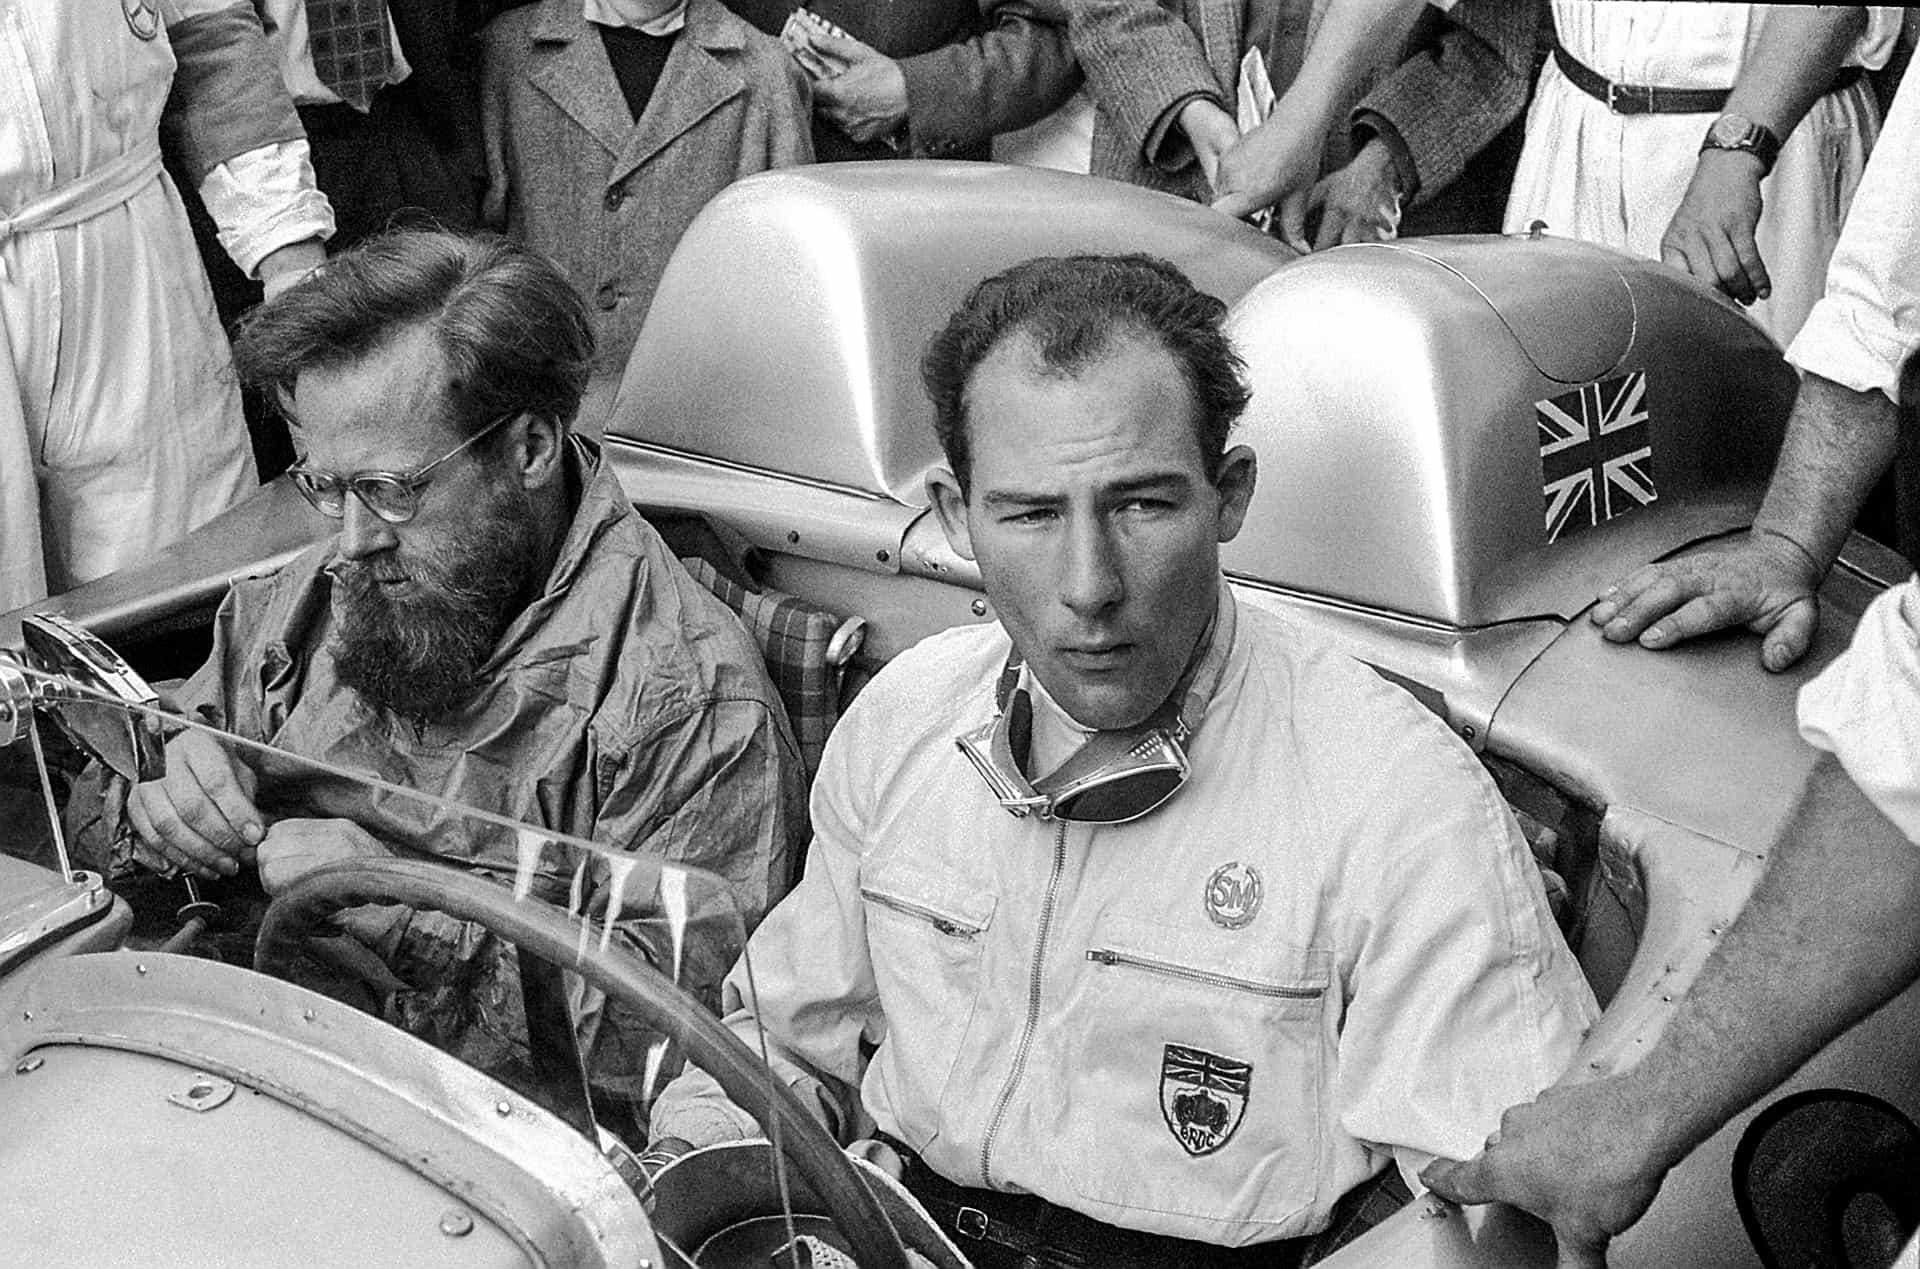 Bilder Mille Miglia 1955 in Italien vom 30. April bis 1. Mai 1955: Stirling Moss gewinnt das legendäre Straßenrennen mit seinem Beifahrer Denis Jenkinson auf Mercedes-Benz Rennsportwagen 300 SLR (W 196 S) in der besten je erzielten Zeit.